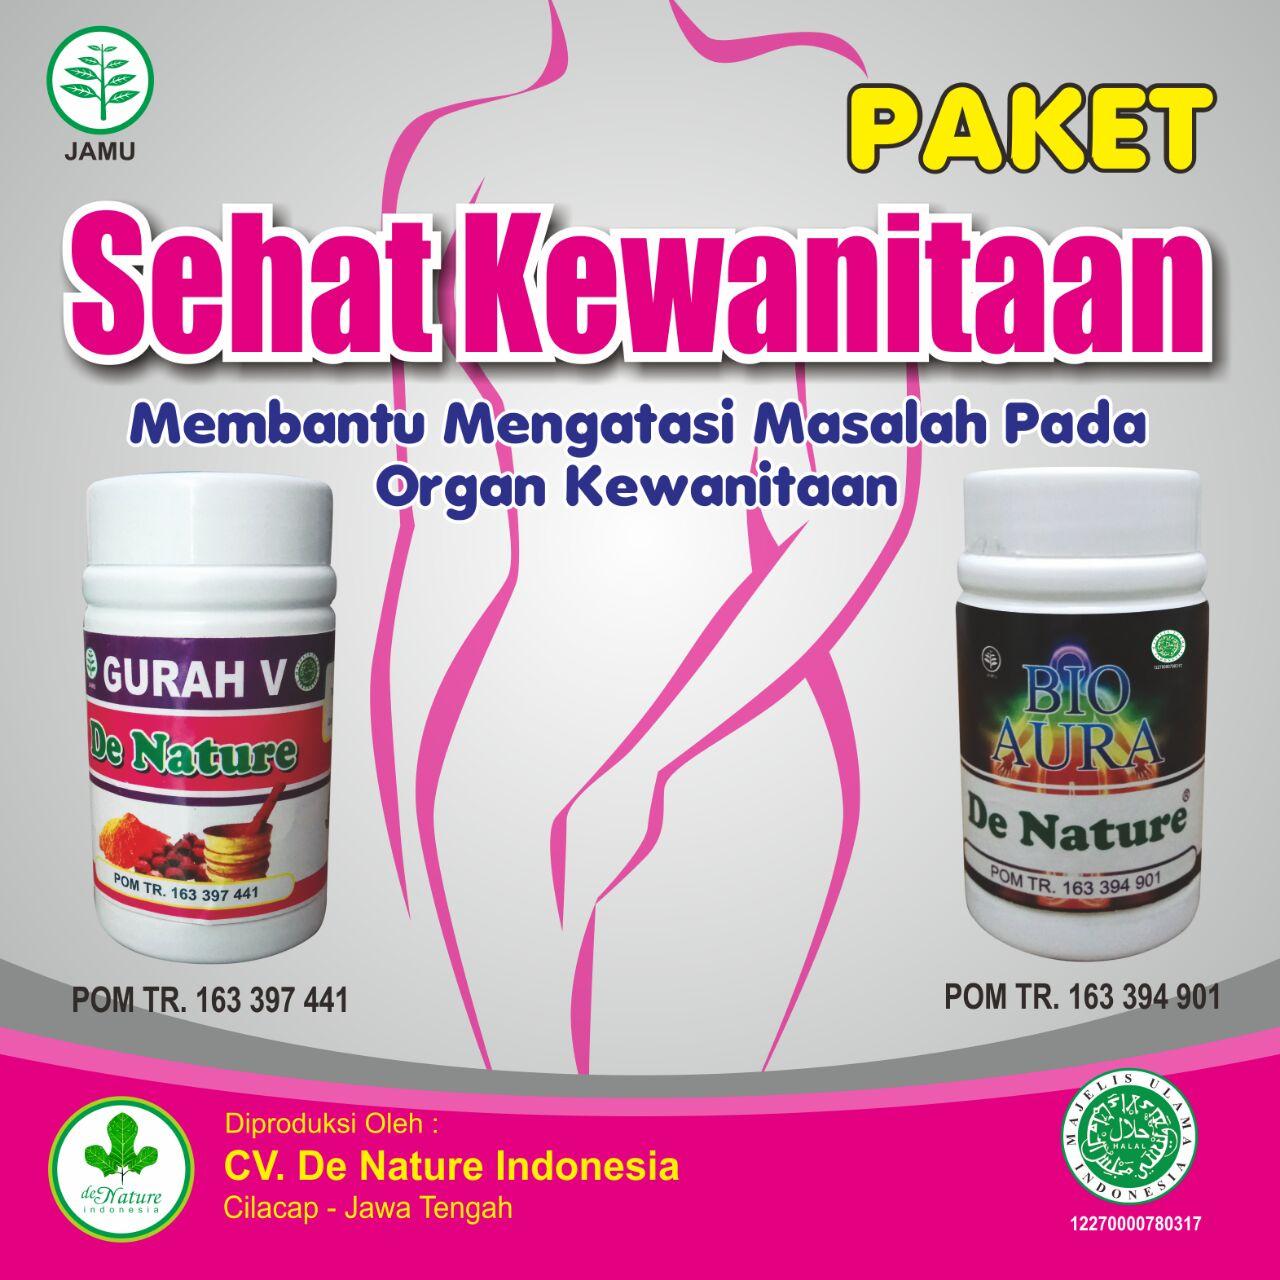 Harga Gurah V Dan Bio Aura Herbal Sehat Kewanitaan Konfirmasi Pil Manjakani Rapet Wangi Perawatan Organ Rekomendasi Obat Keputihan Khusus Remaja Alami Aman Cepat Menyembuhkan Adalah Kapsul De Nature Indonesia